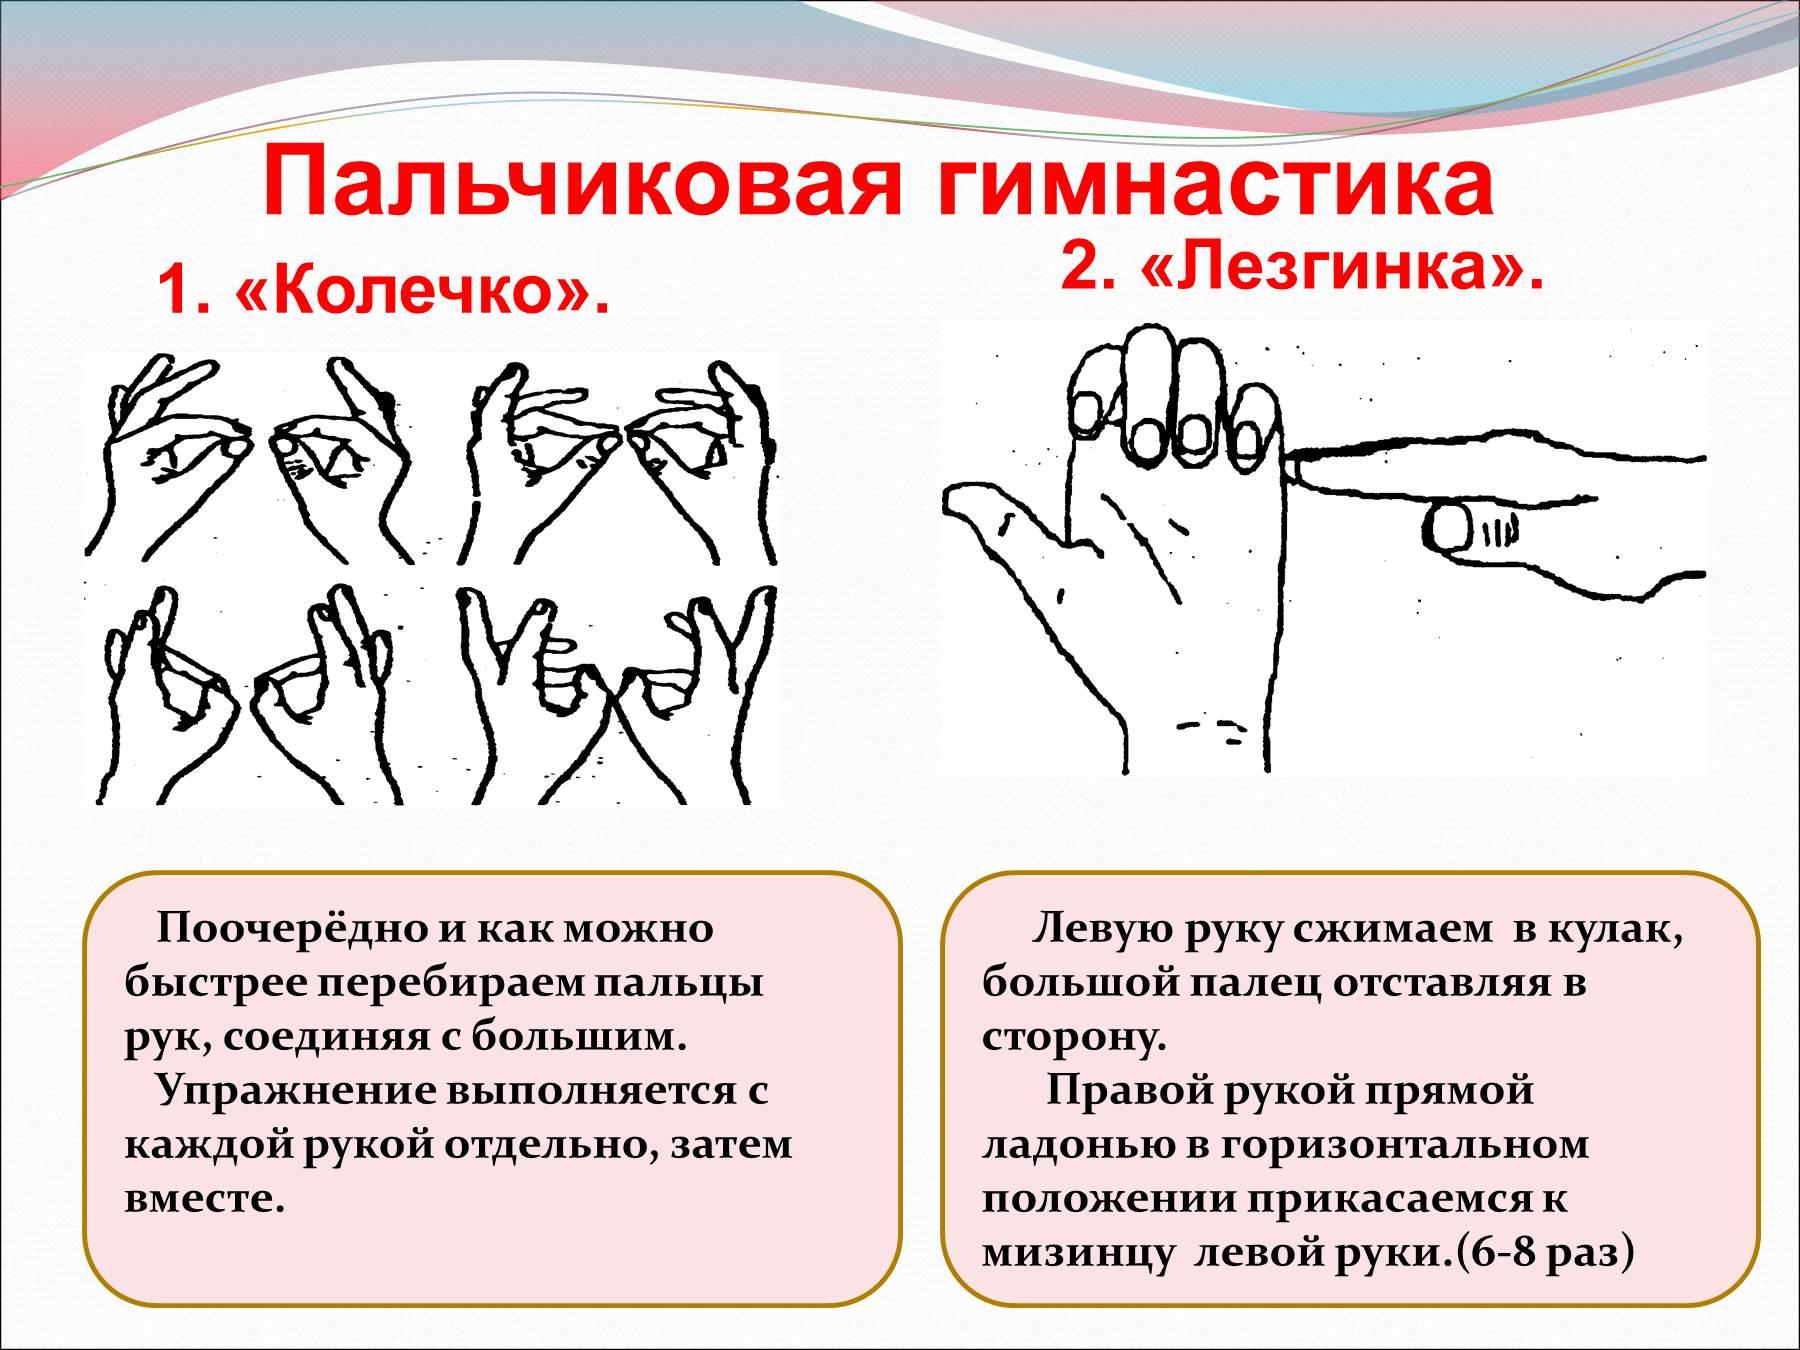 пальчиковая гимнастика для школьников в картинках